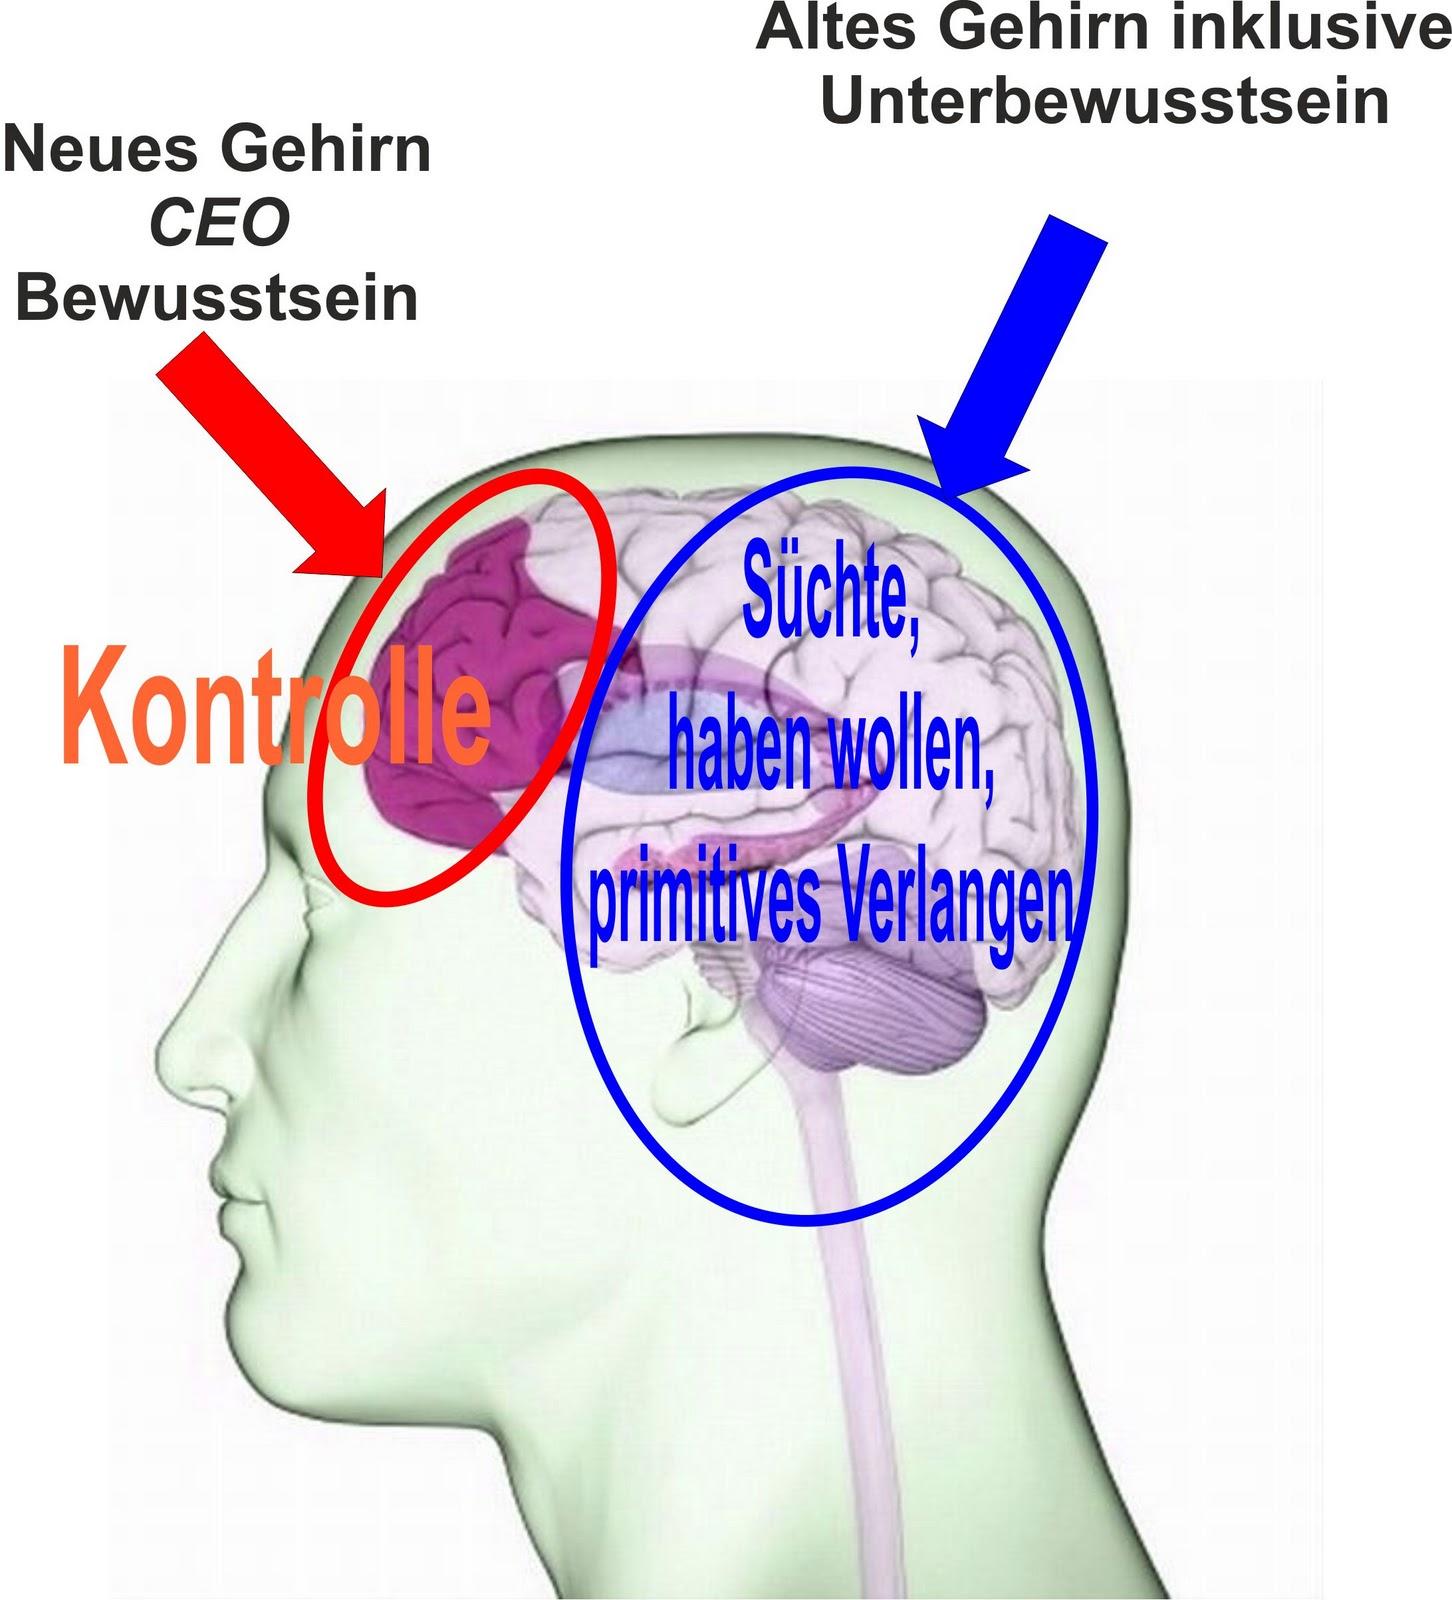 Eggetsberger-Info, Blogger, Blog: 01/01/2012 - 02/01/2012